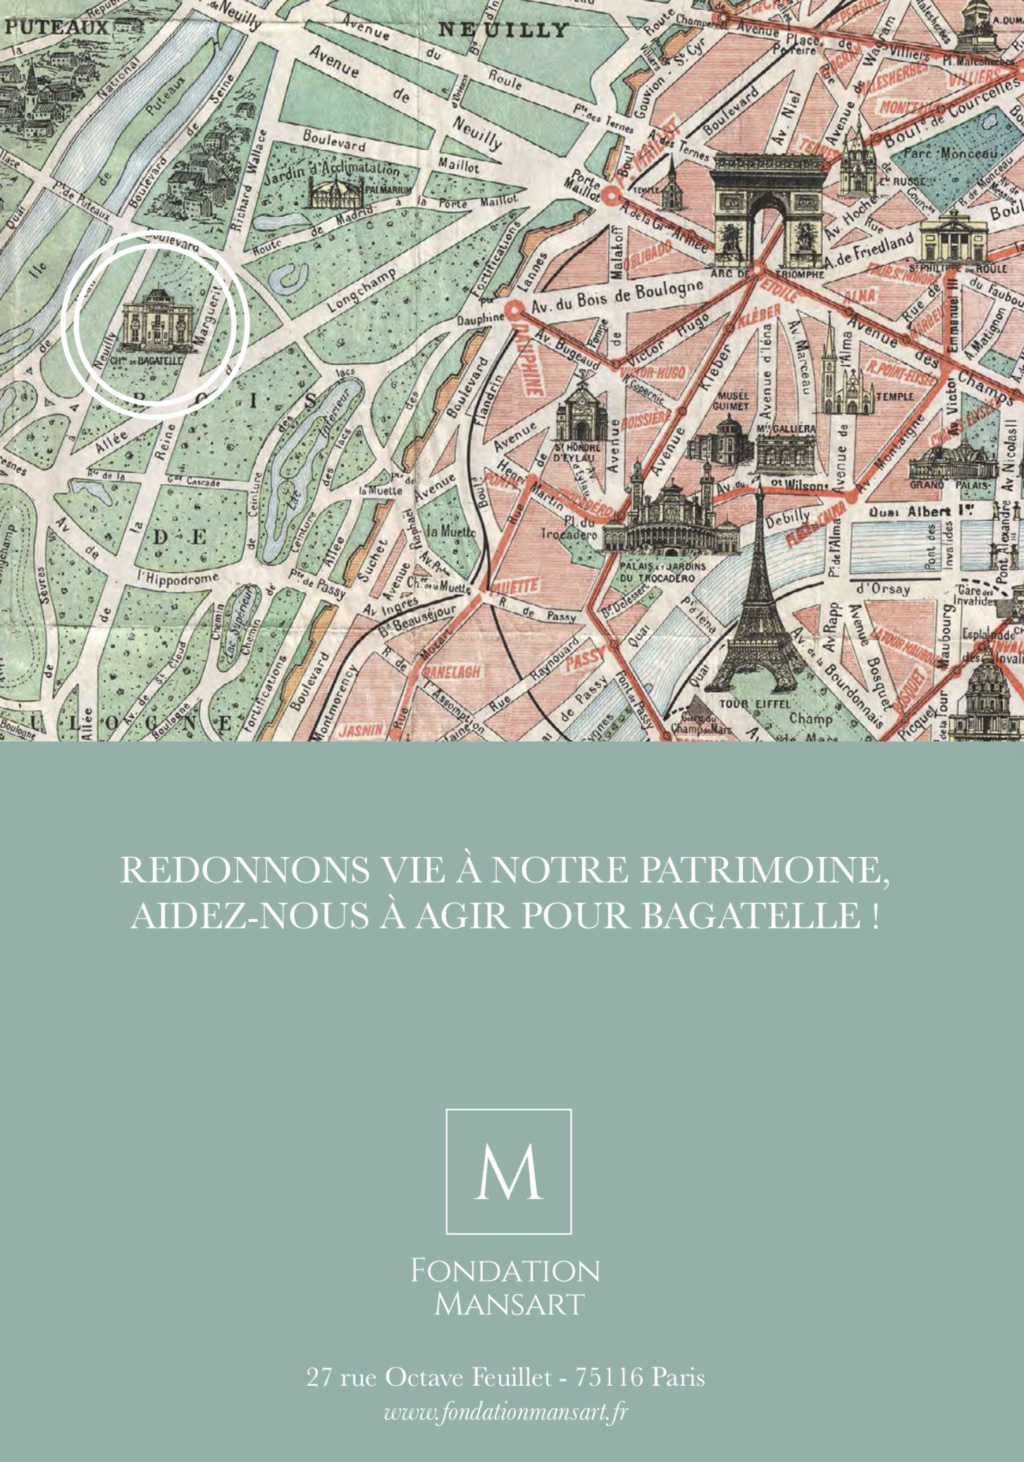 """Le château de Bagatelle : la """" folie """" du comte d'Artois - Page 3 Capt2801"""